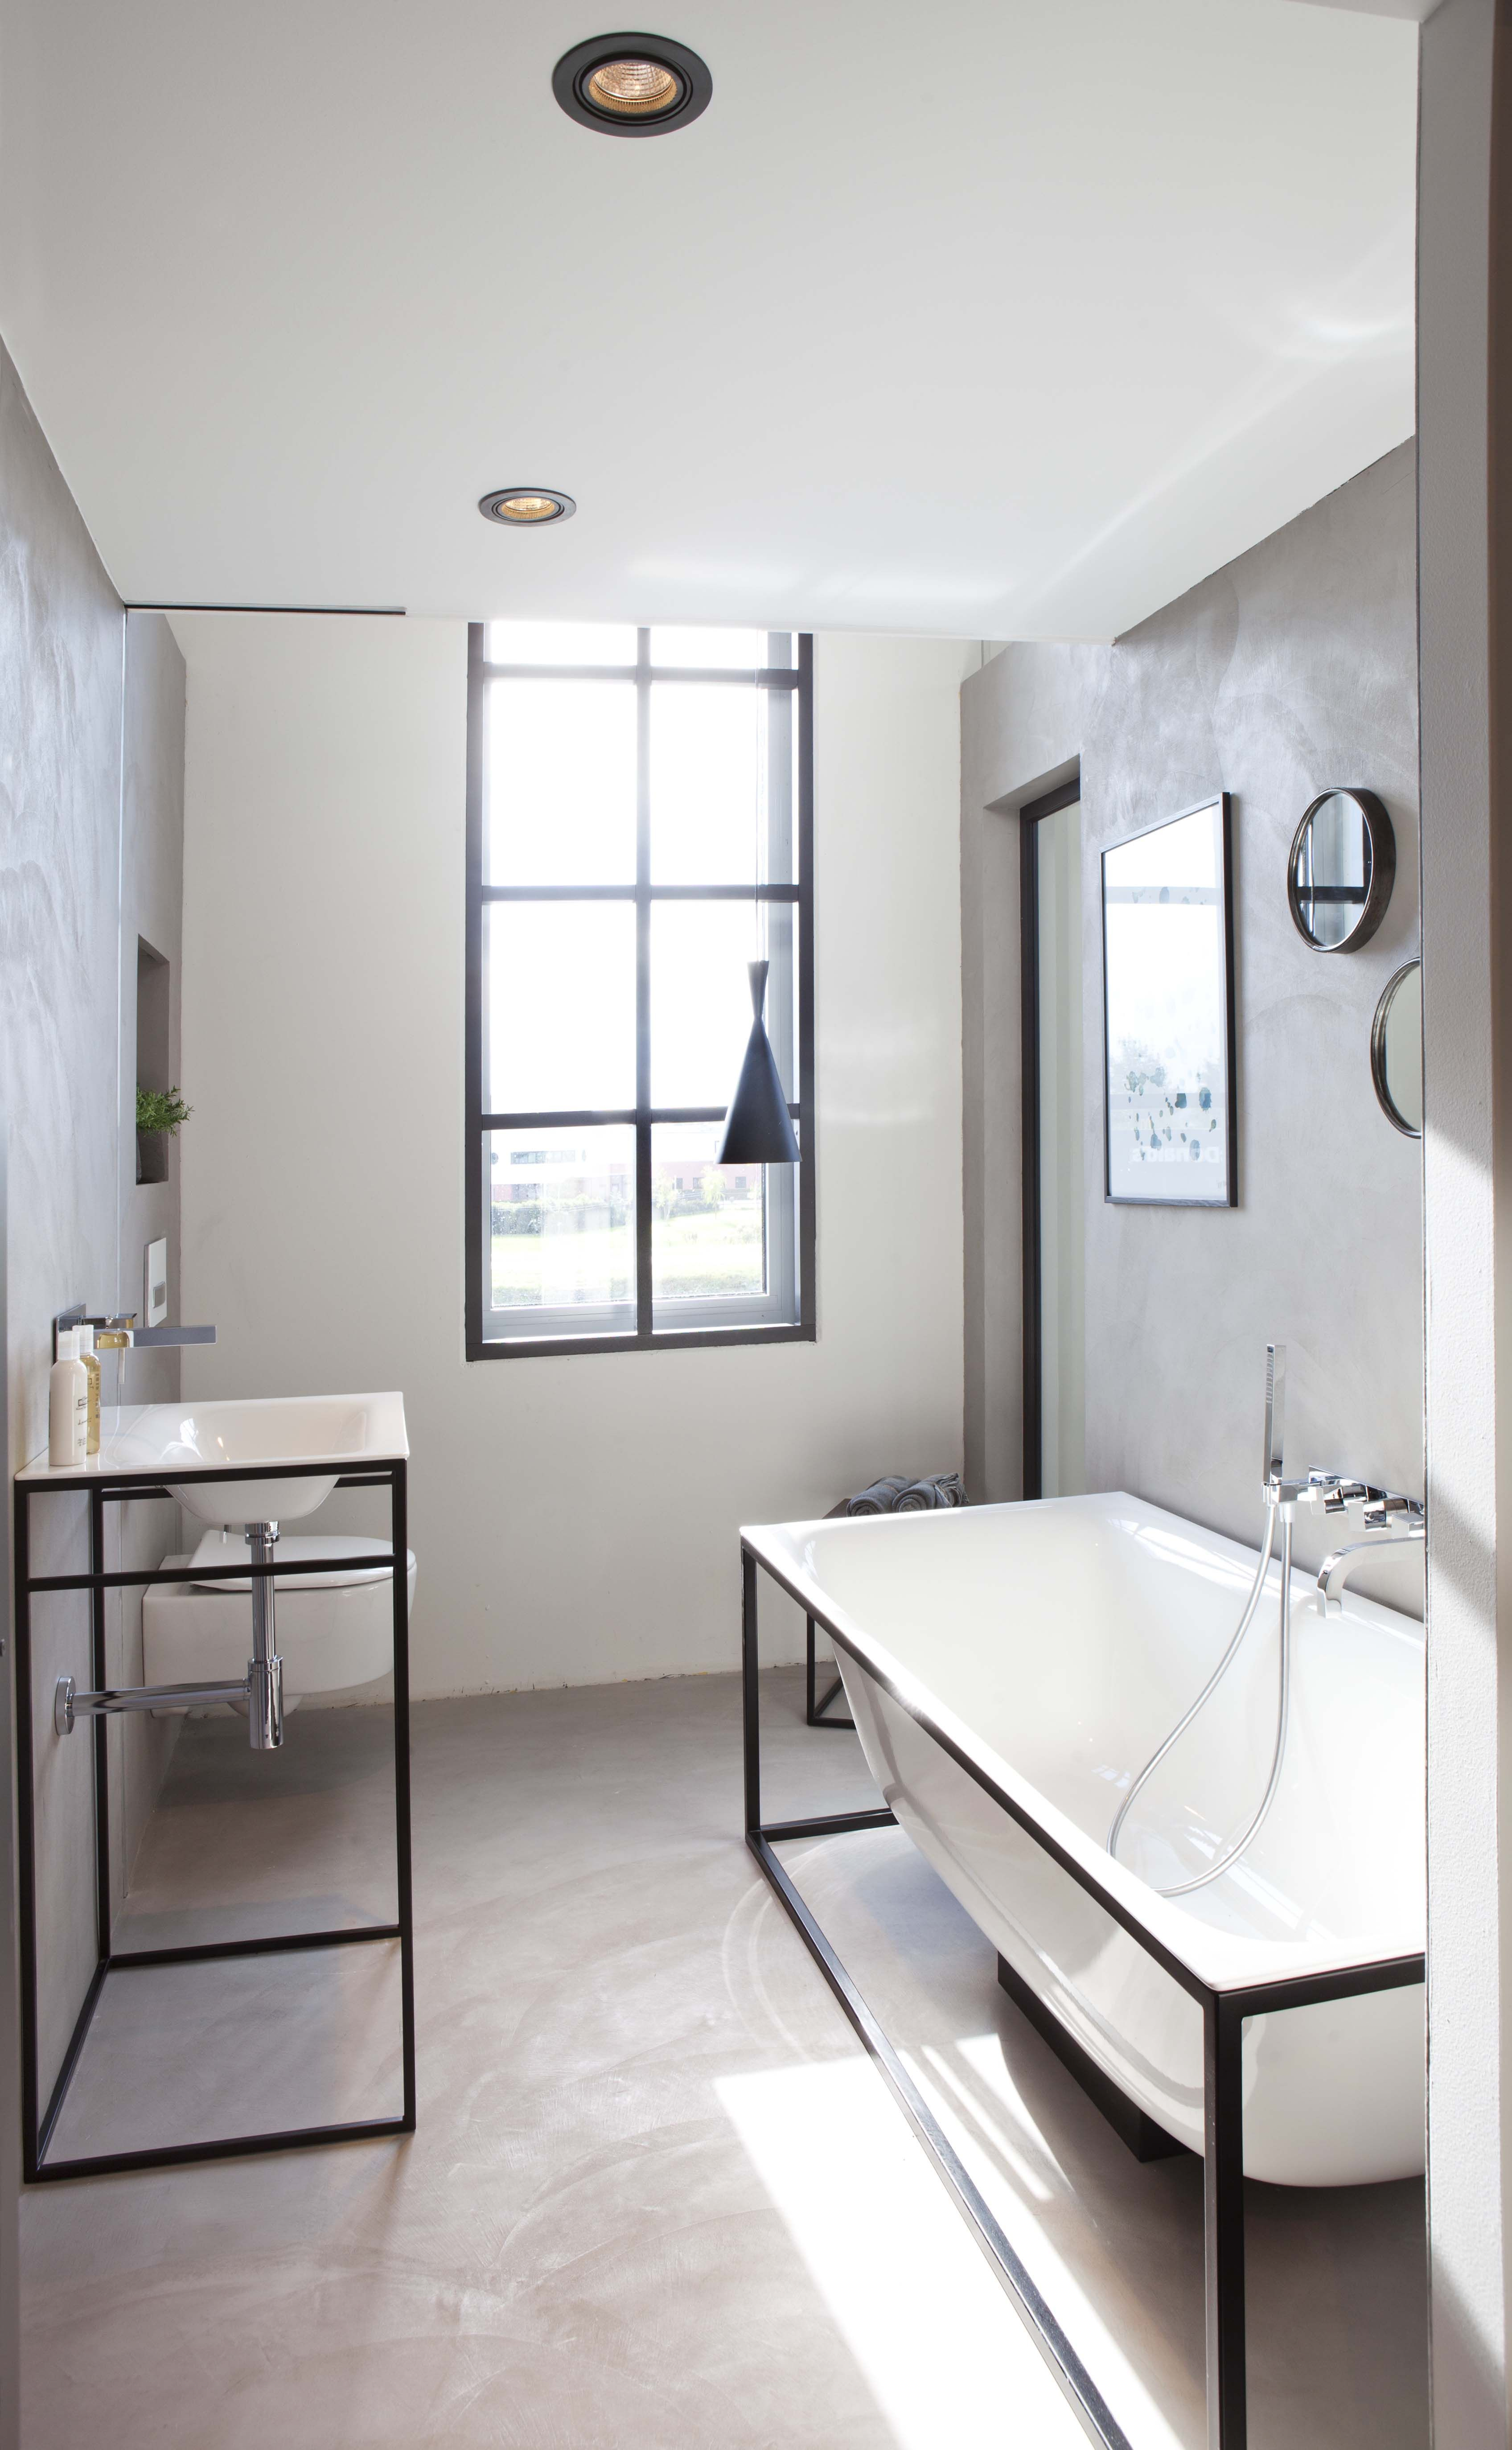 Keukens en badkamers showroom | Pinterest - Badkamer, Showrooms en Blog